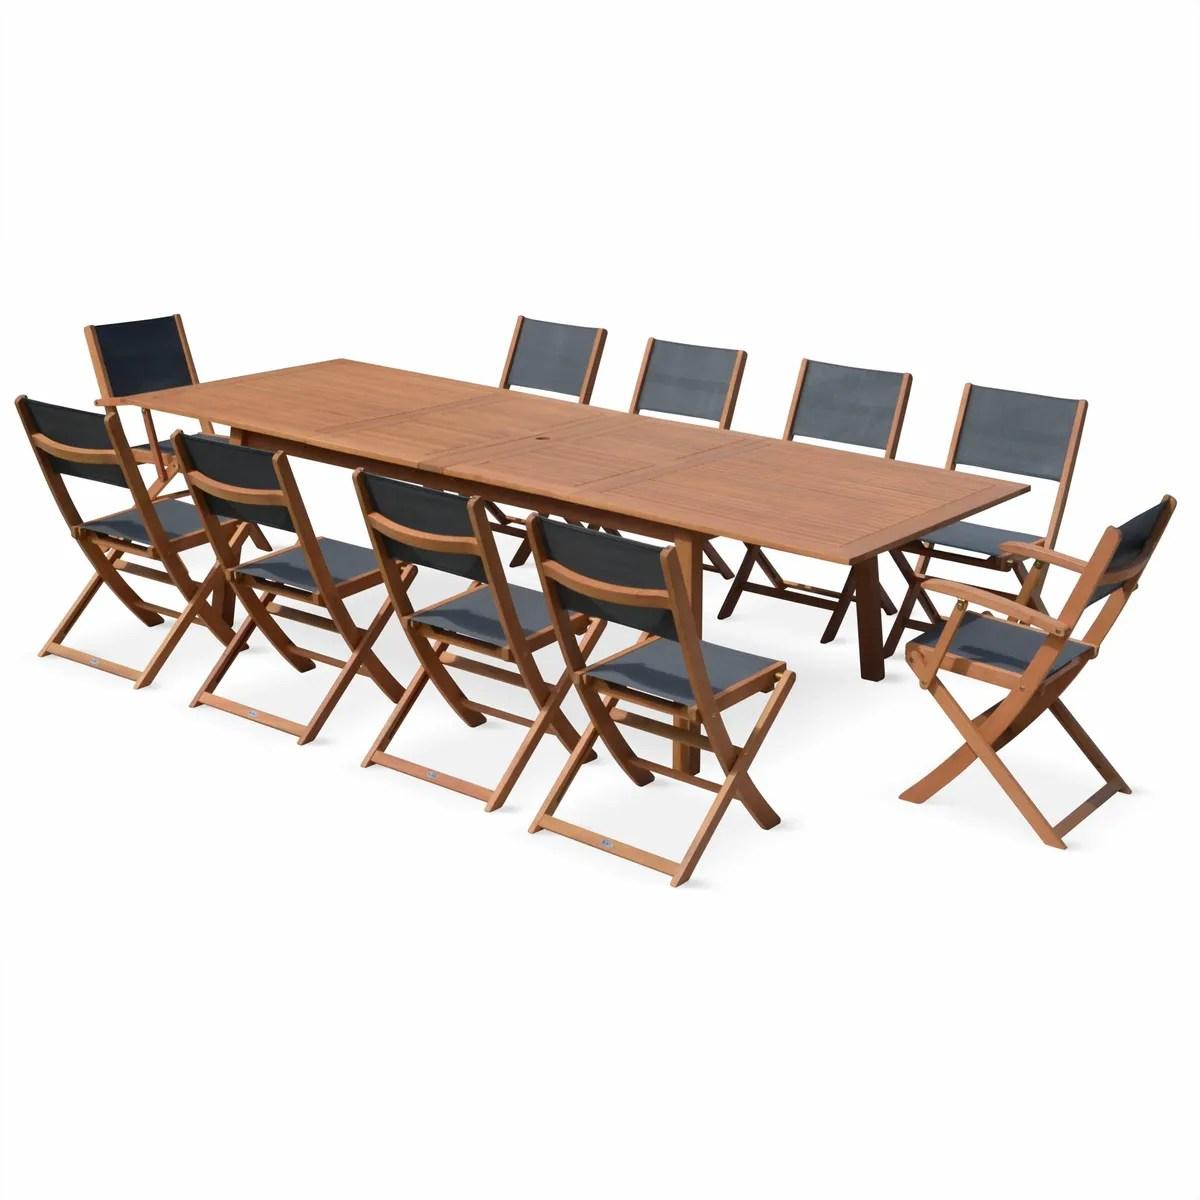 Grande Table De Jardin | Castorama Table De Jardin Inspiration De ...